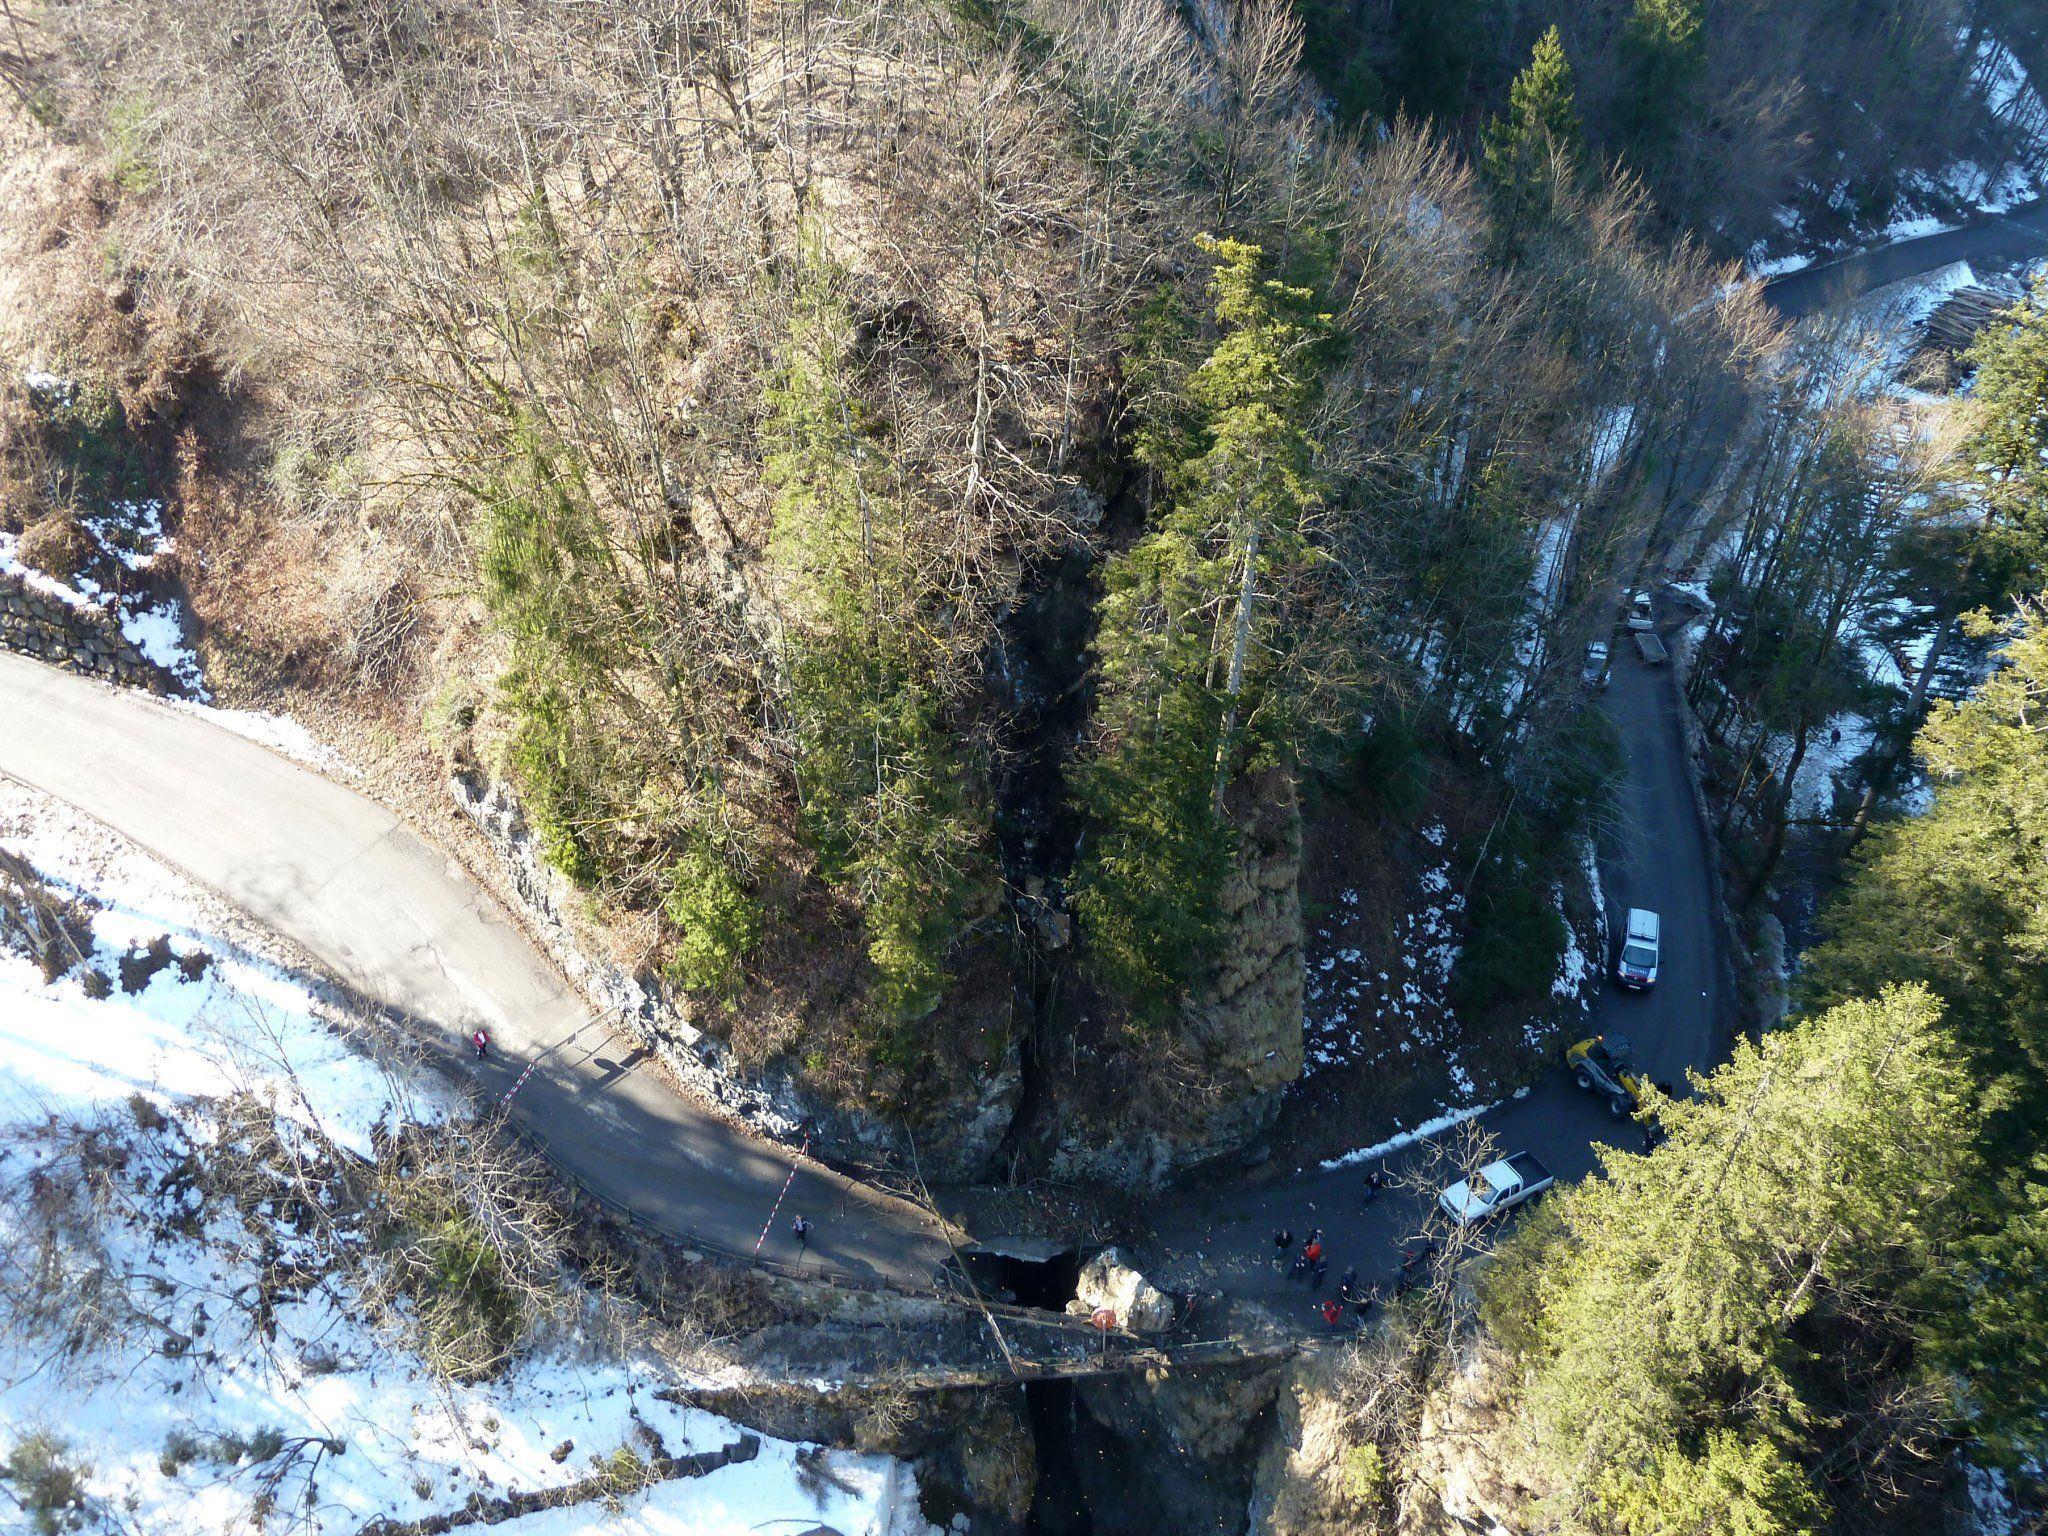 Felssturz ließ Brücke einstürzen.